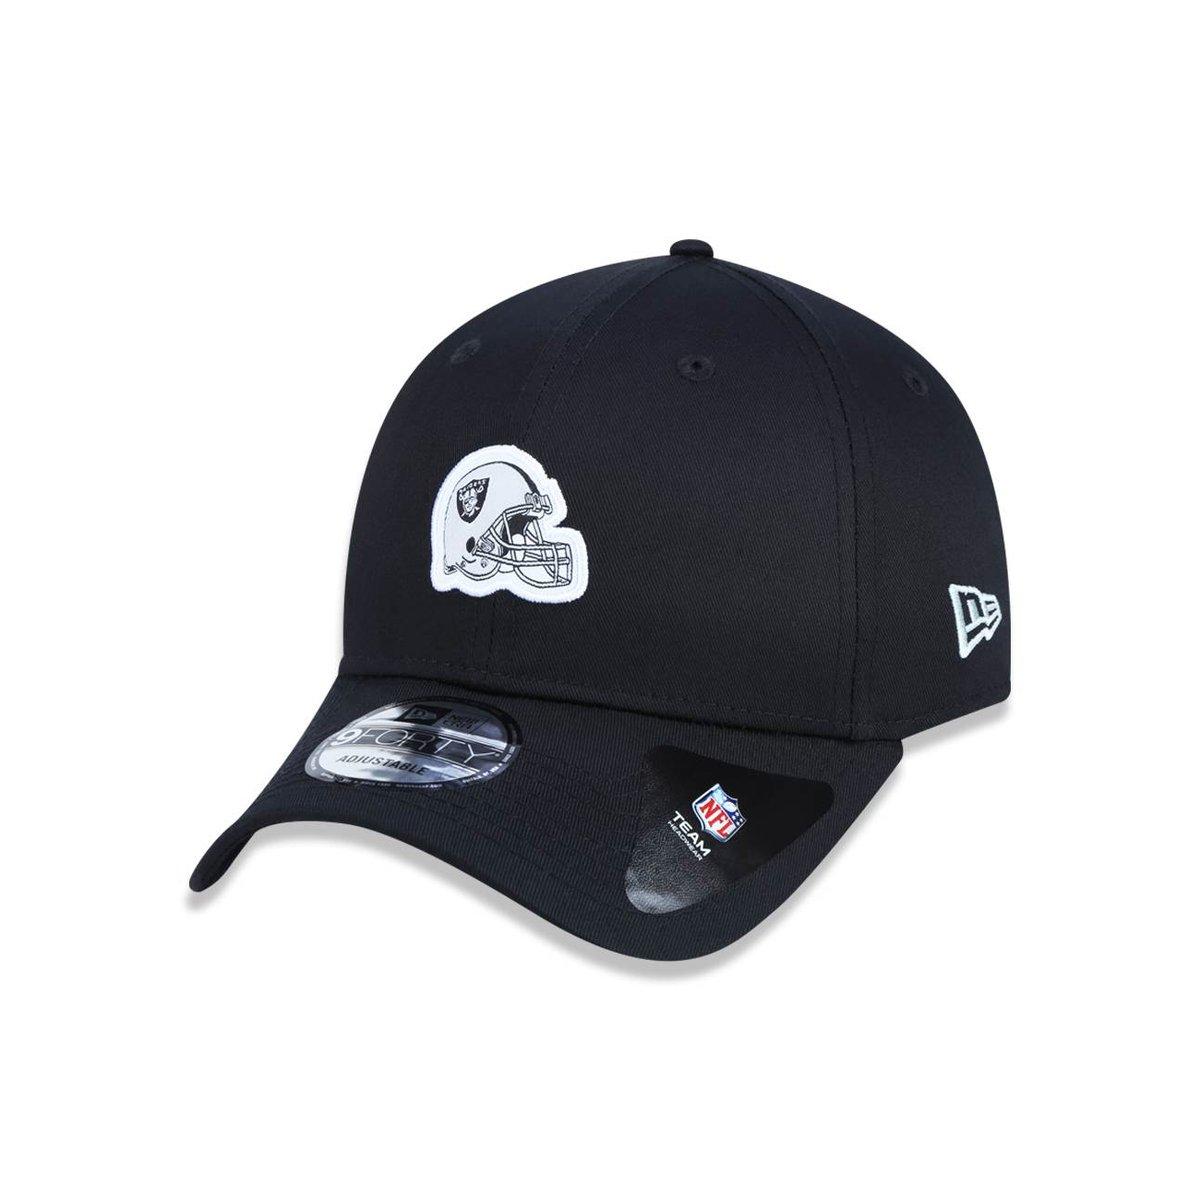 912aee40da55b Boné 940 Oakland Raiders NFL Aba Curva Snapback New Era - Compre Agora